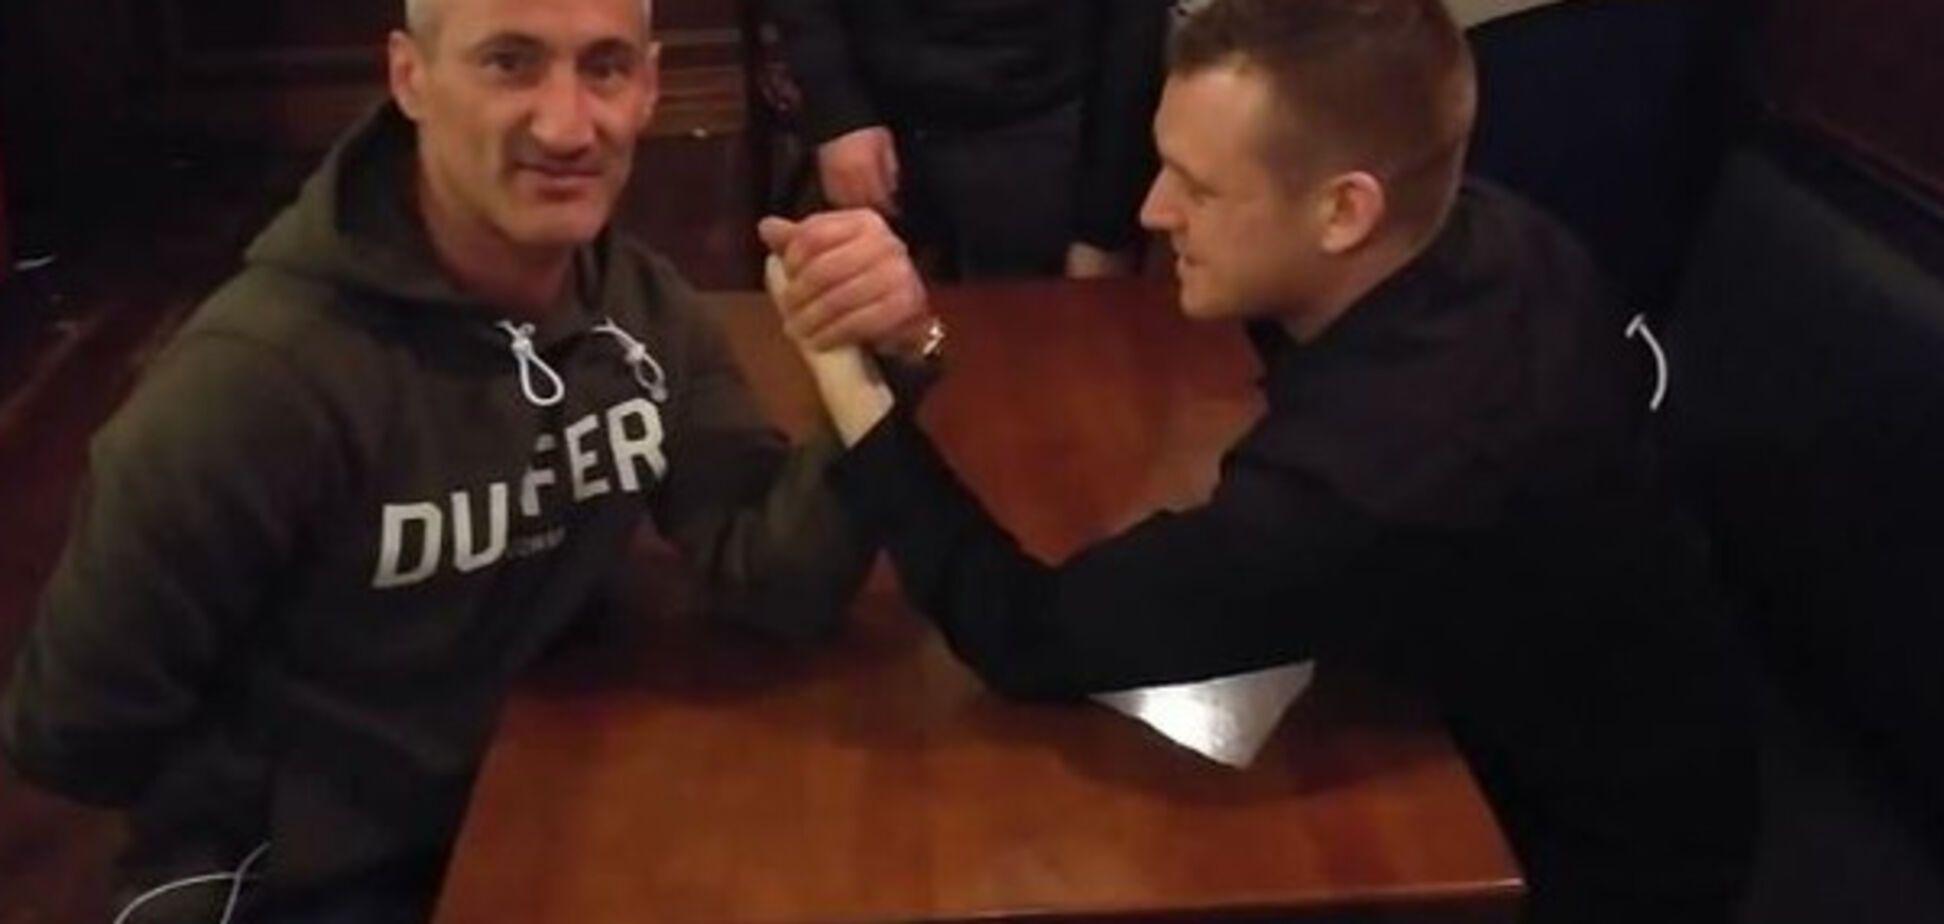 Источник: кадр из видео